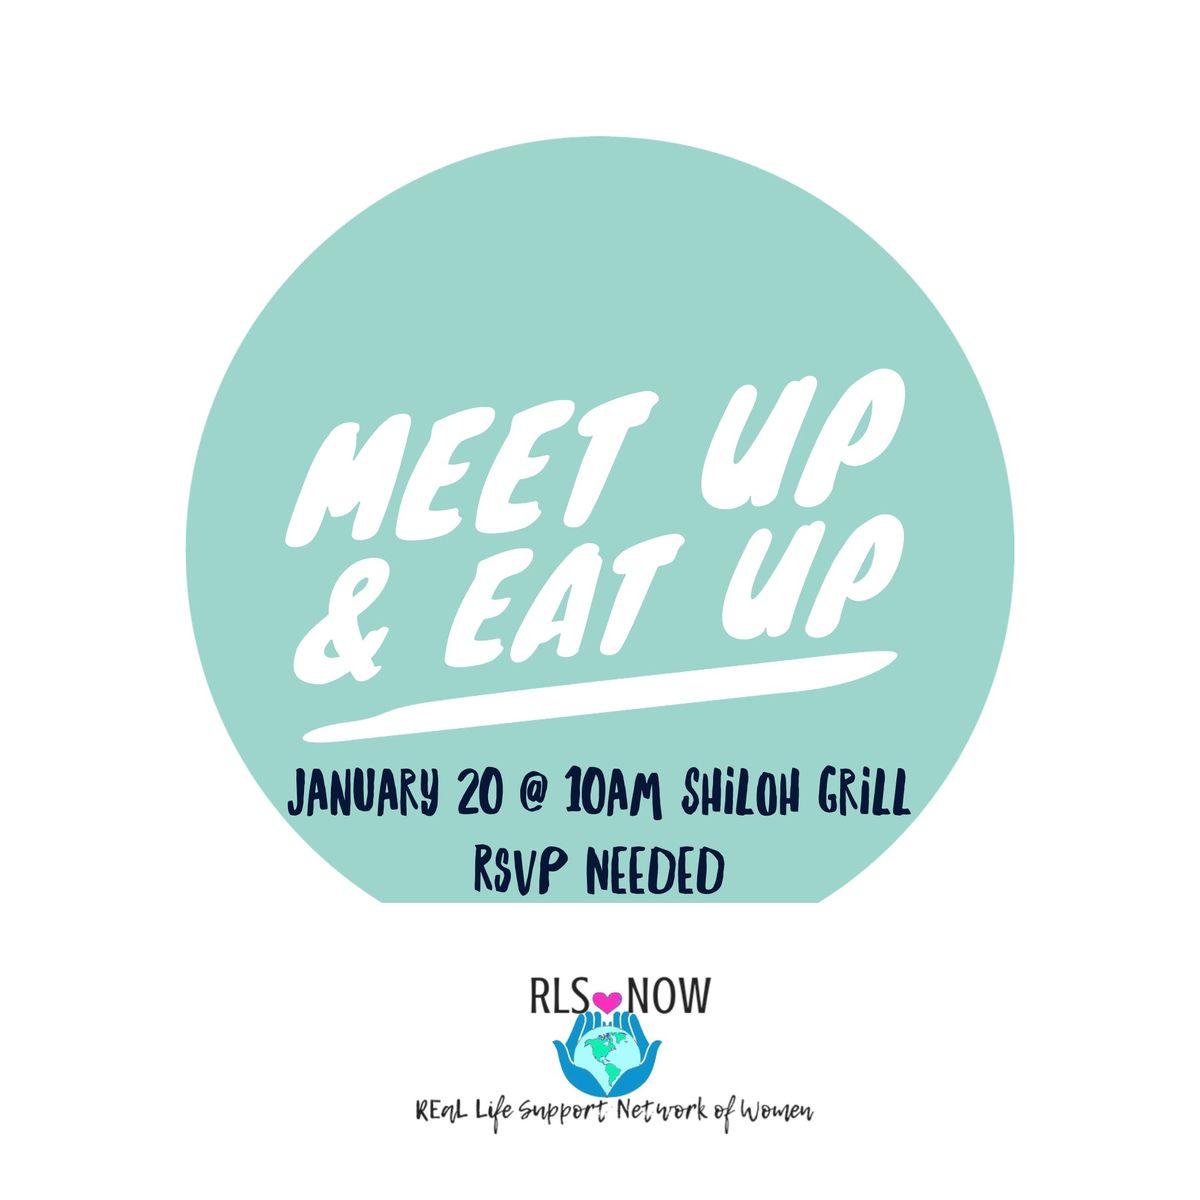 RLSNOW Meet up & Eat up